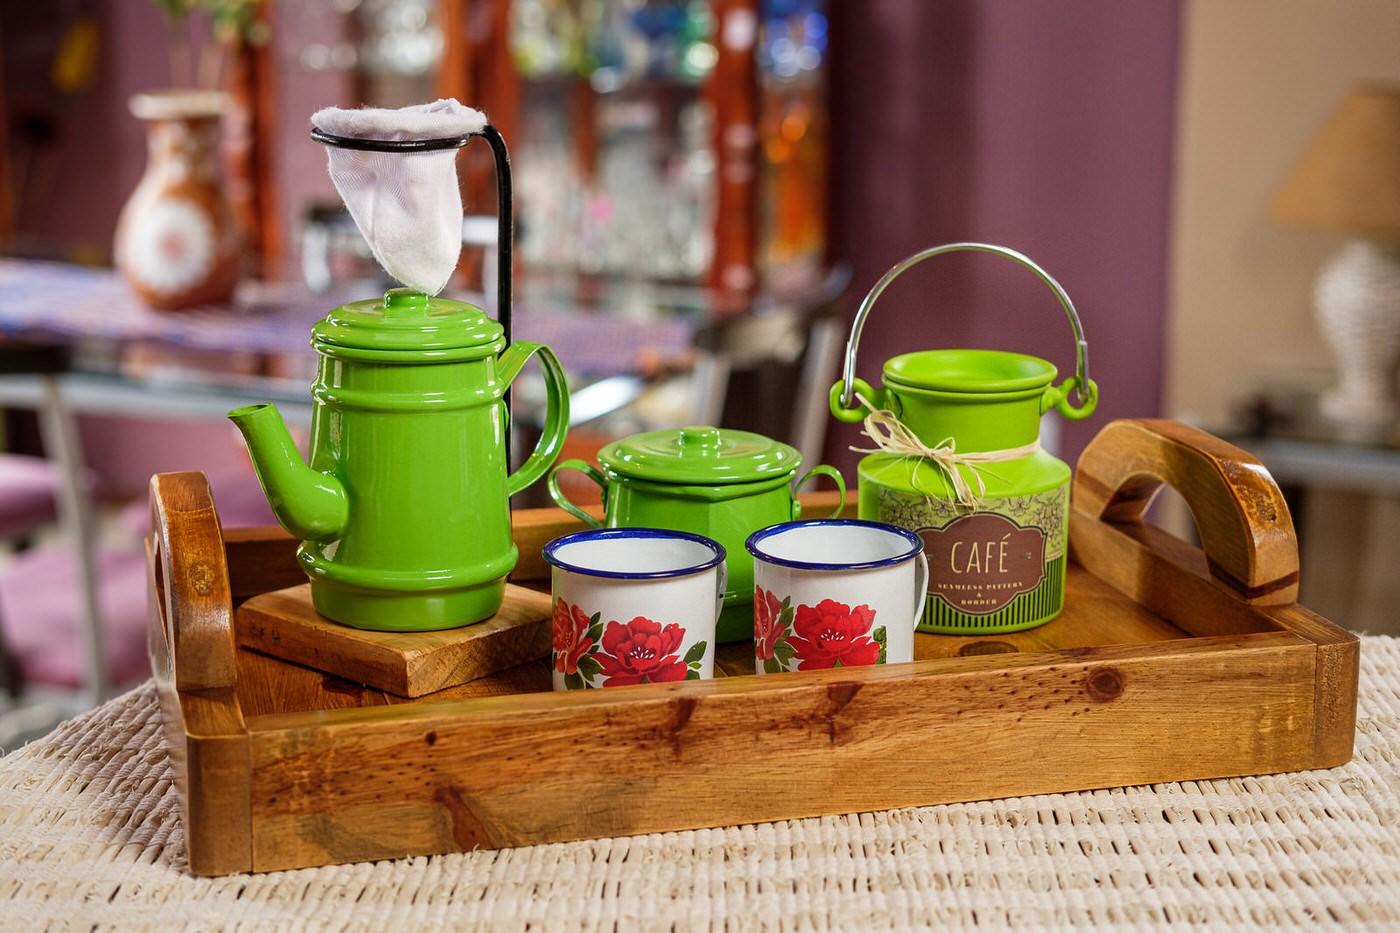 Kit Bandeja + Peças de Café / Verde Claro com Canecas Brancas Floridas